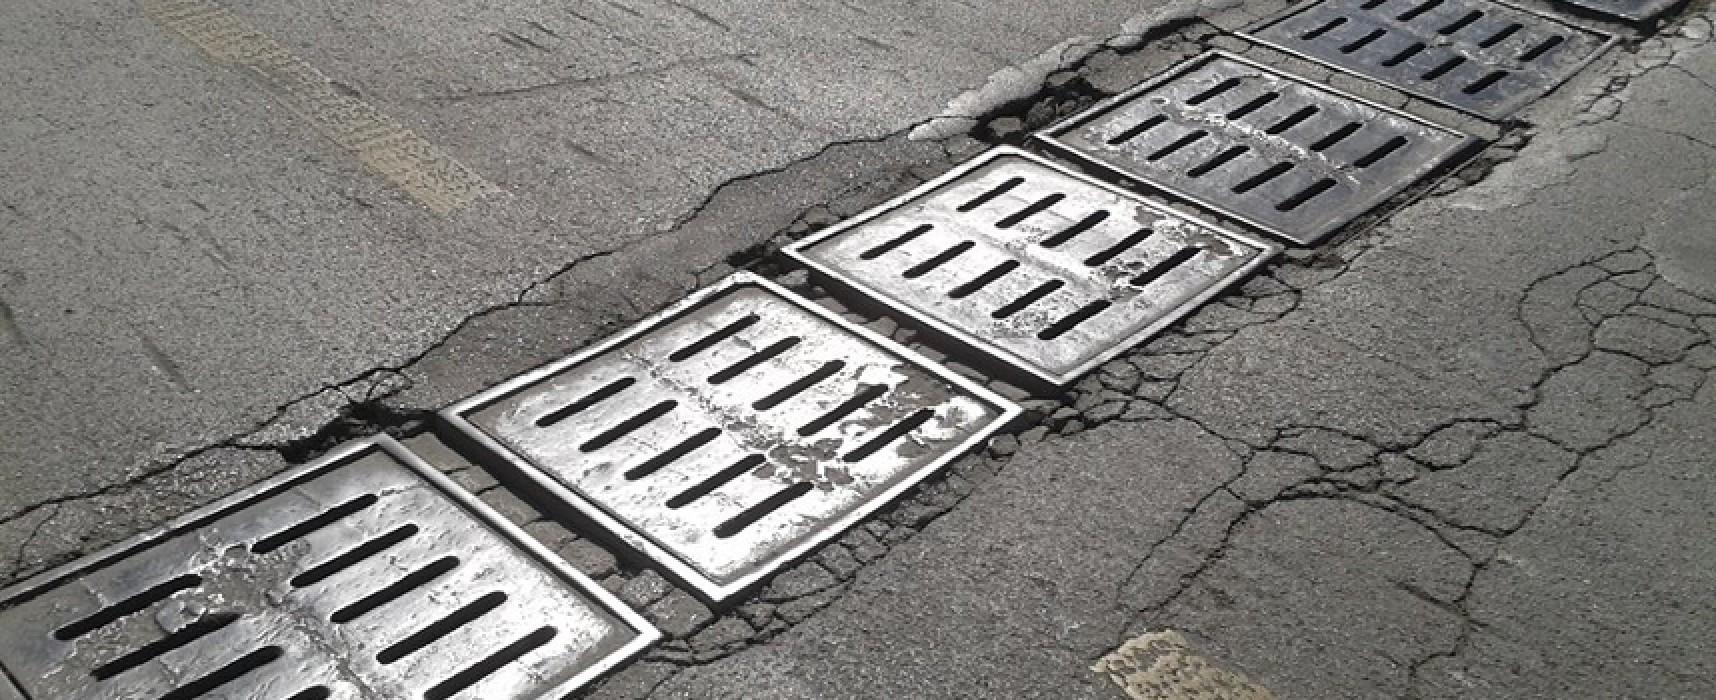 Viabilità: nonostante i recenti lavori, persistono pericolosi affossamenti in via Fondo Noce